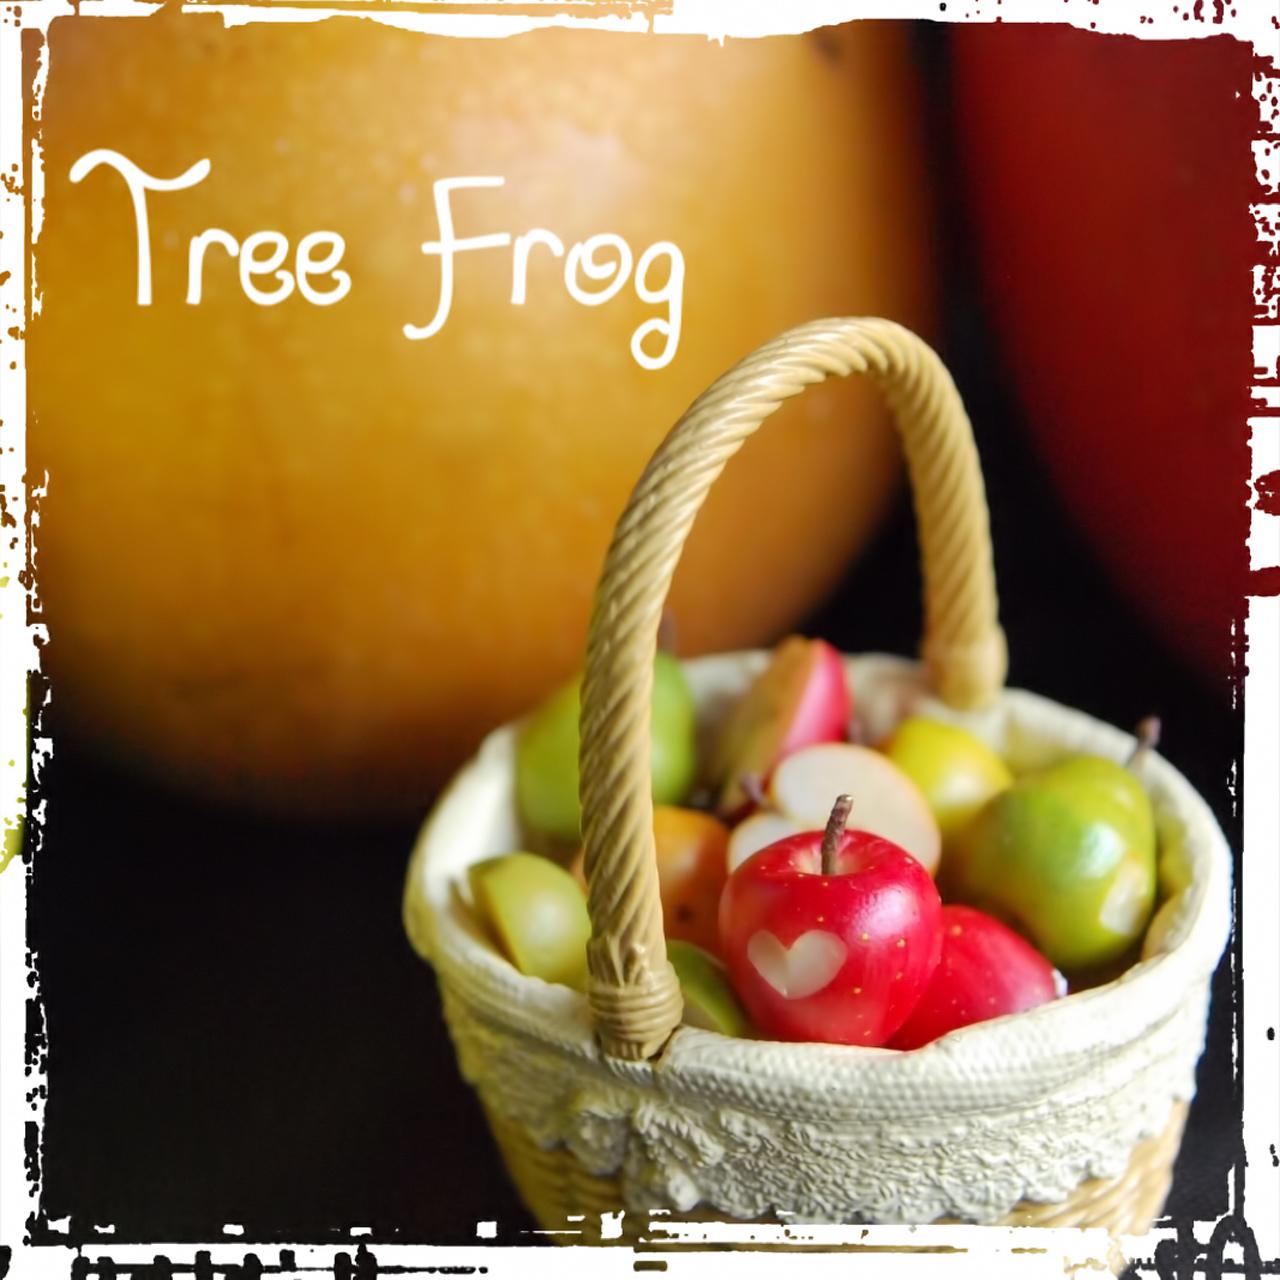 Tree Frog - ツリーフロッグ